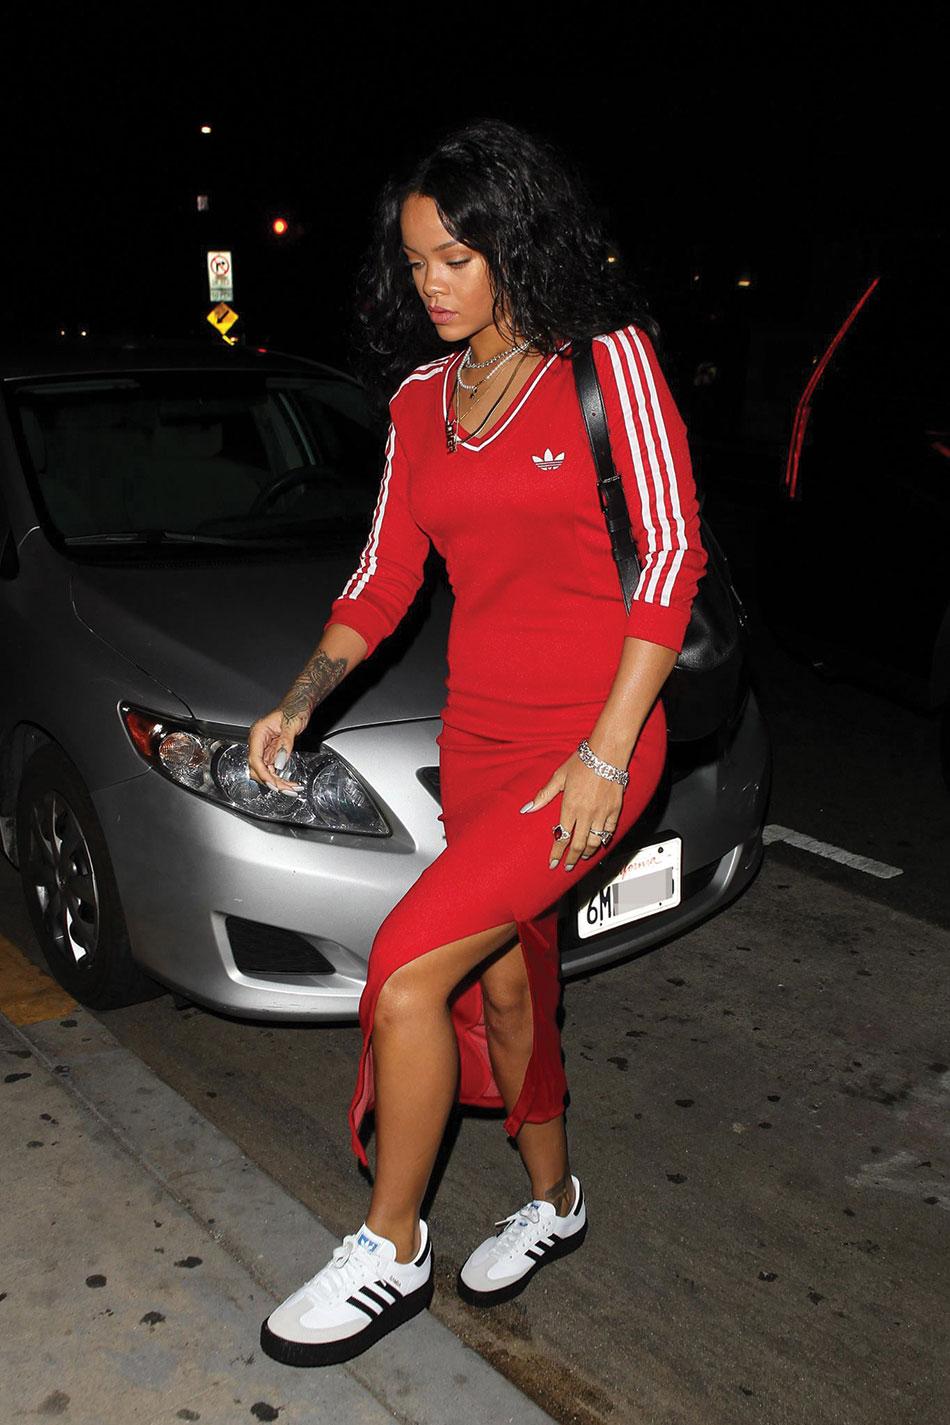 hot-or-hmm-rihanna-giorgio-baldi-jeremy-scott-for-adidas-originals-red-maxi-dress-mr-completely-creepy-adidas-sambas-fbd1-copy